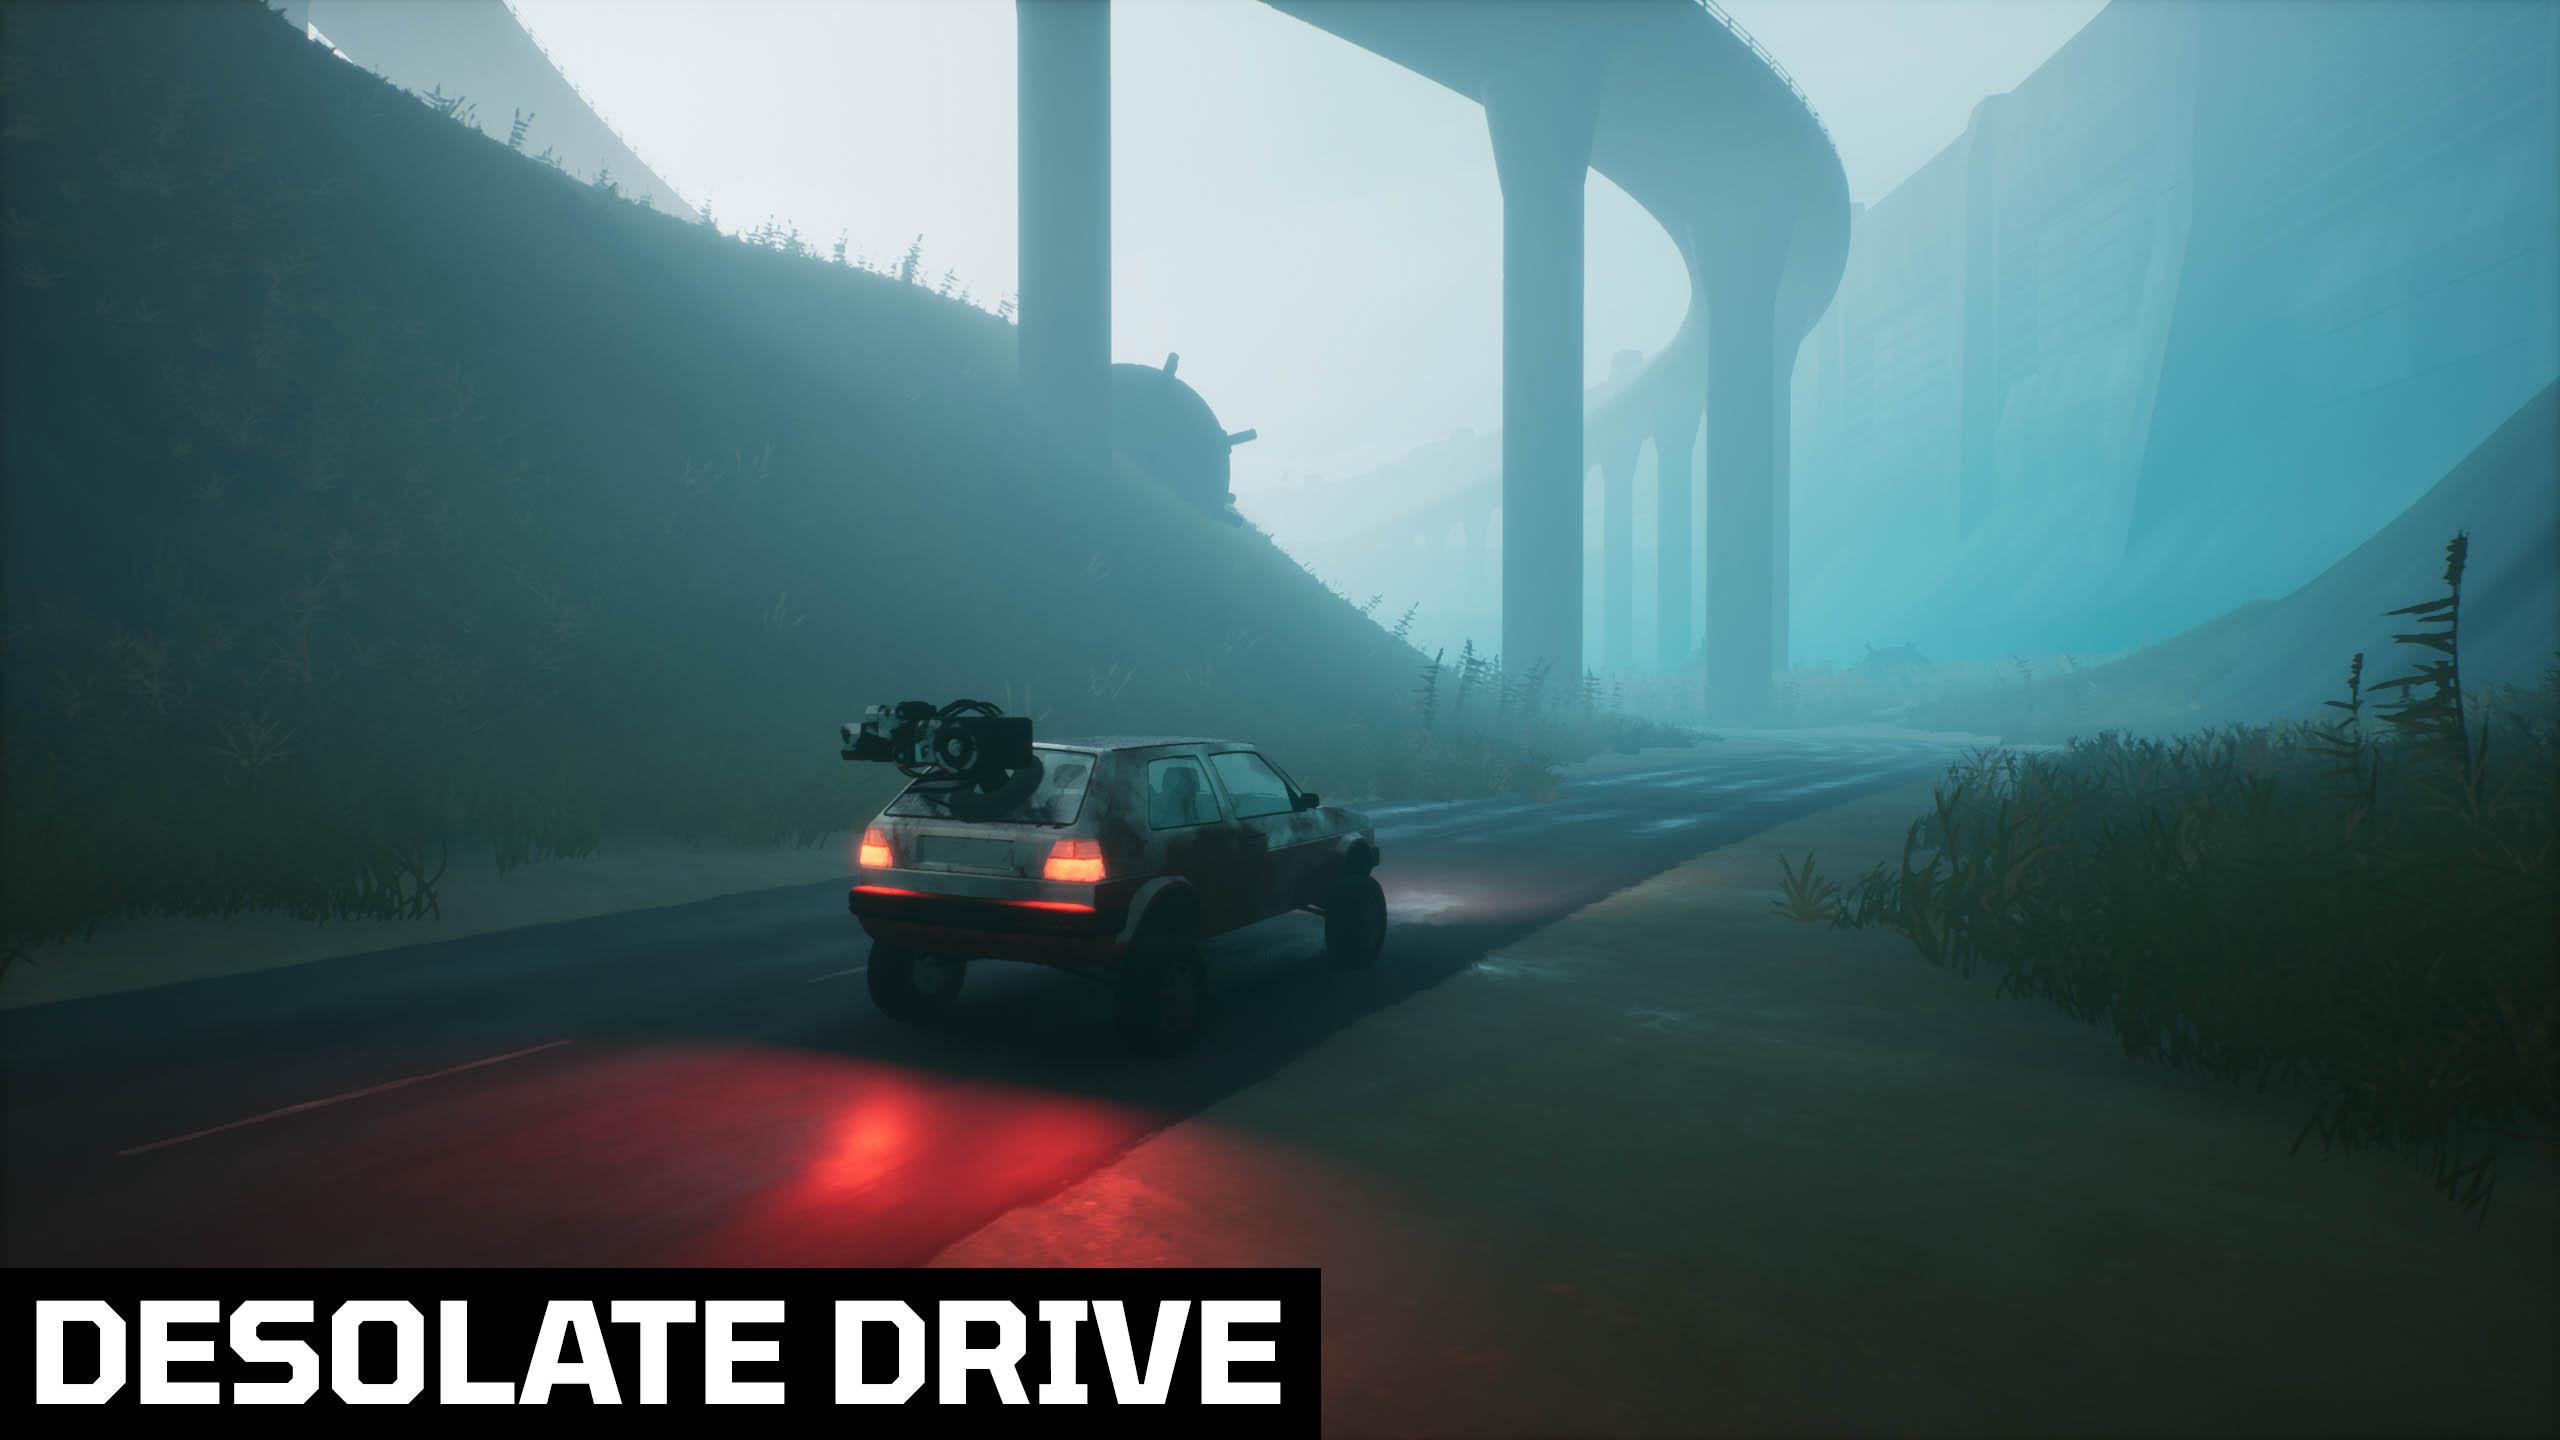 Desolate Drive